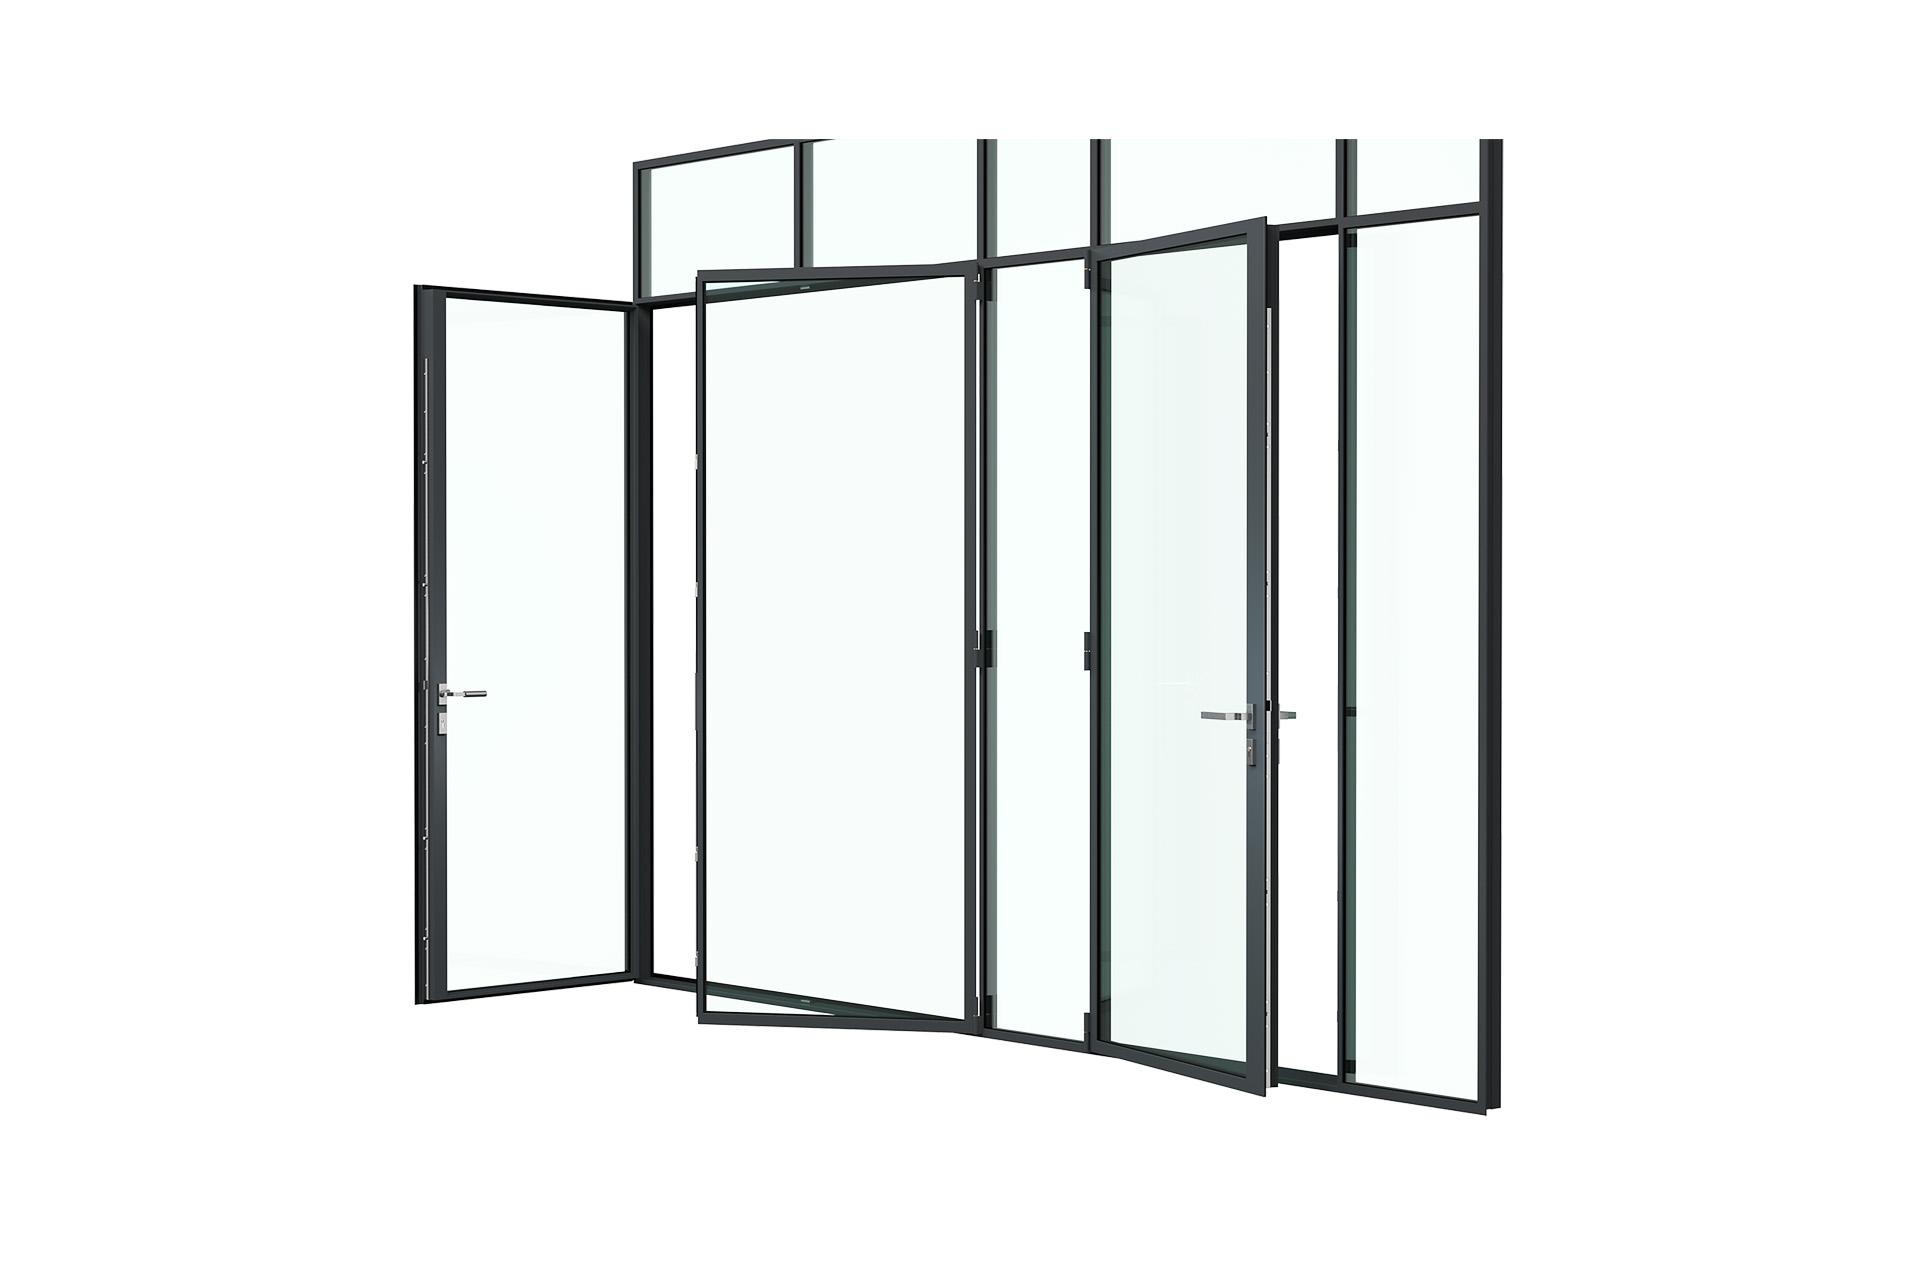 3d rendering side view of MHB steel lock mullion doors